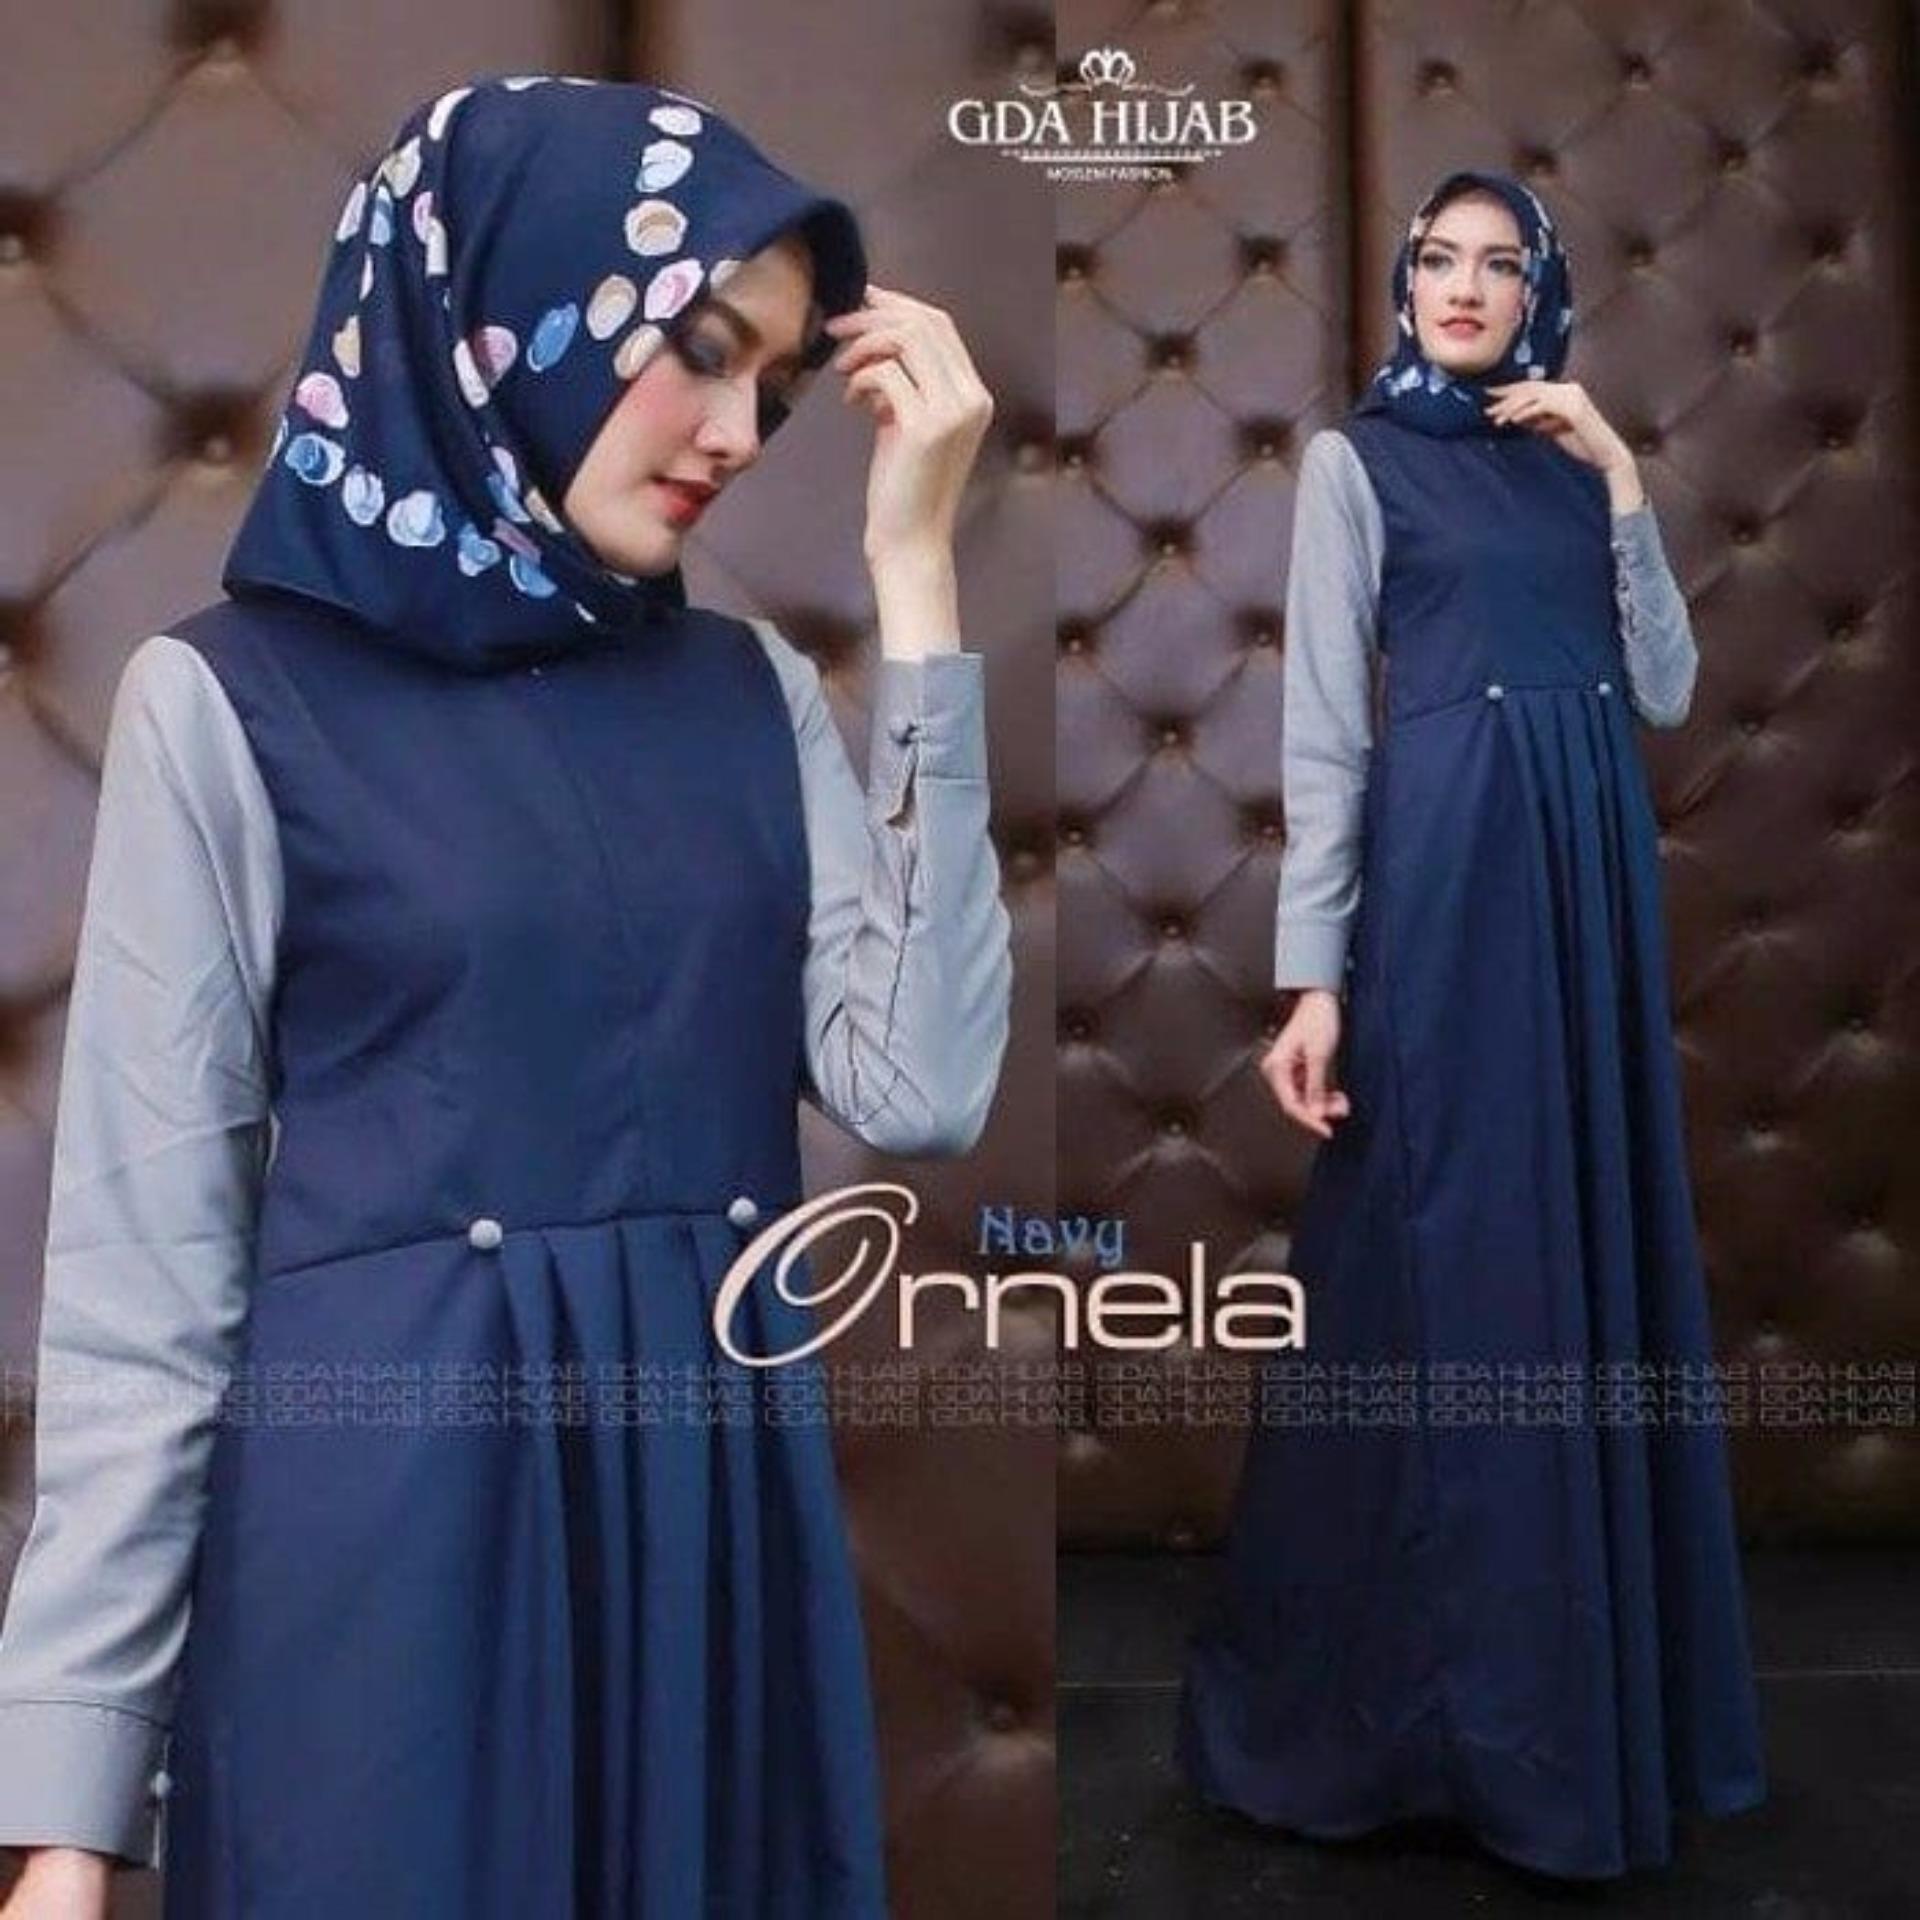 Murah Baju Original Gamis Ornela Dress Baju Panjang Casual Wanita